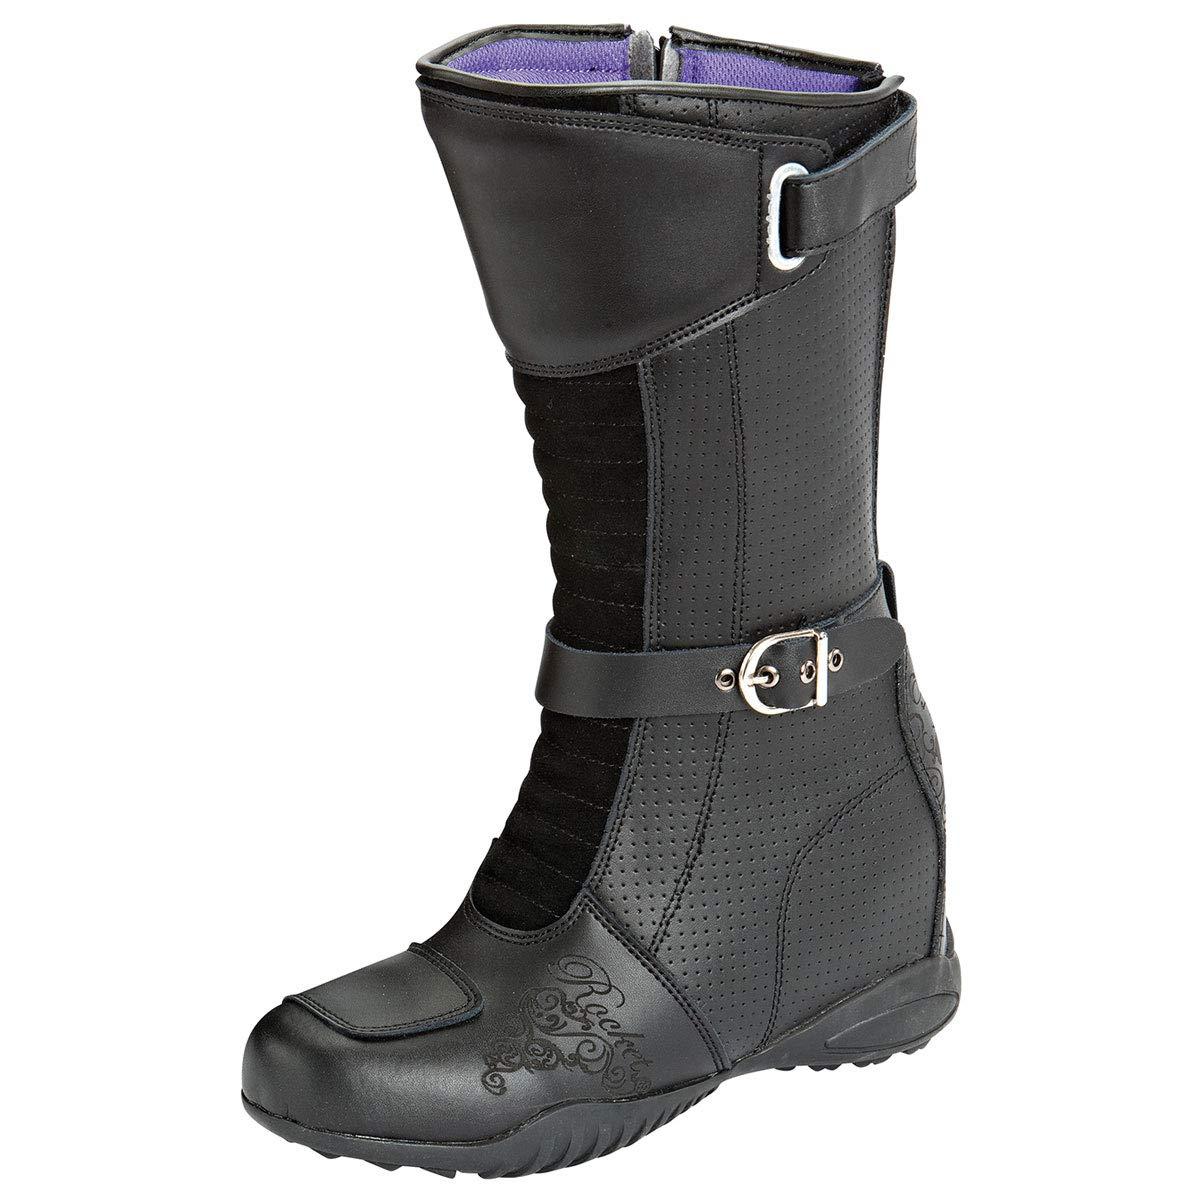 1357-3008 Joe Rocket Heartbreaker Womens Boots Black, Size 8